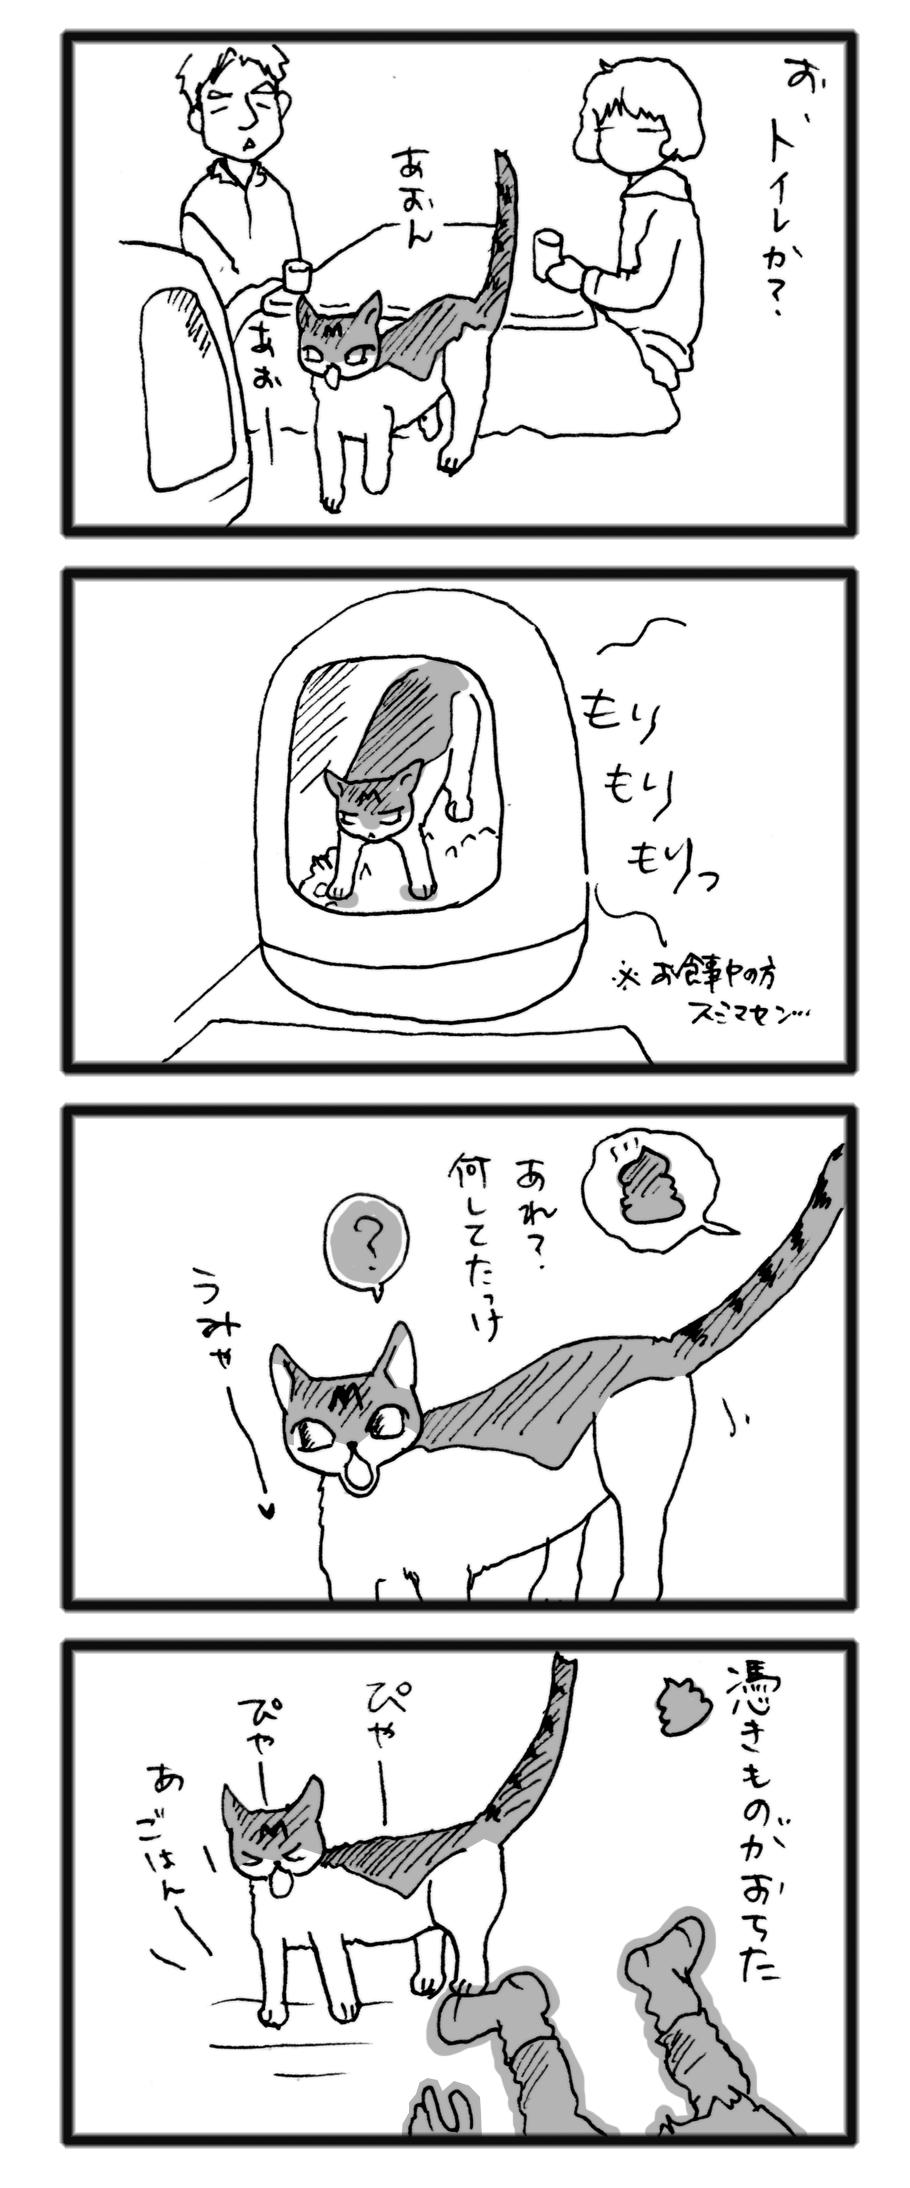 comic_14010302.jpg